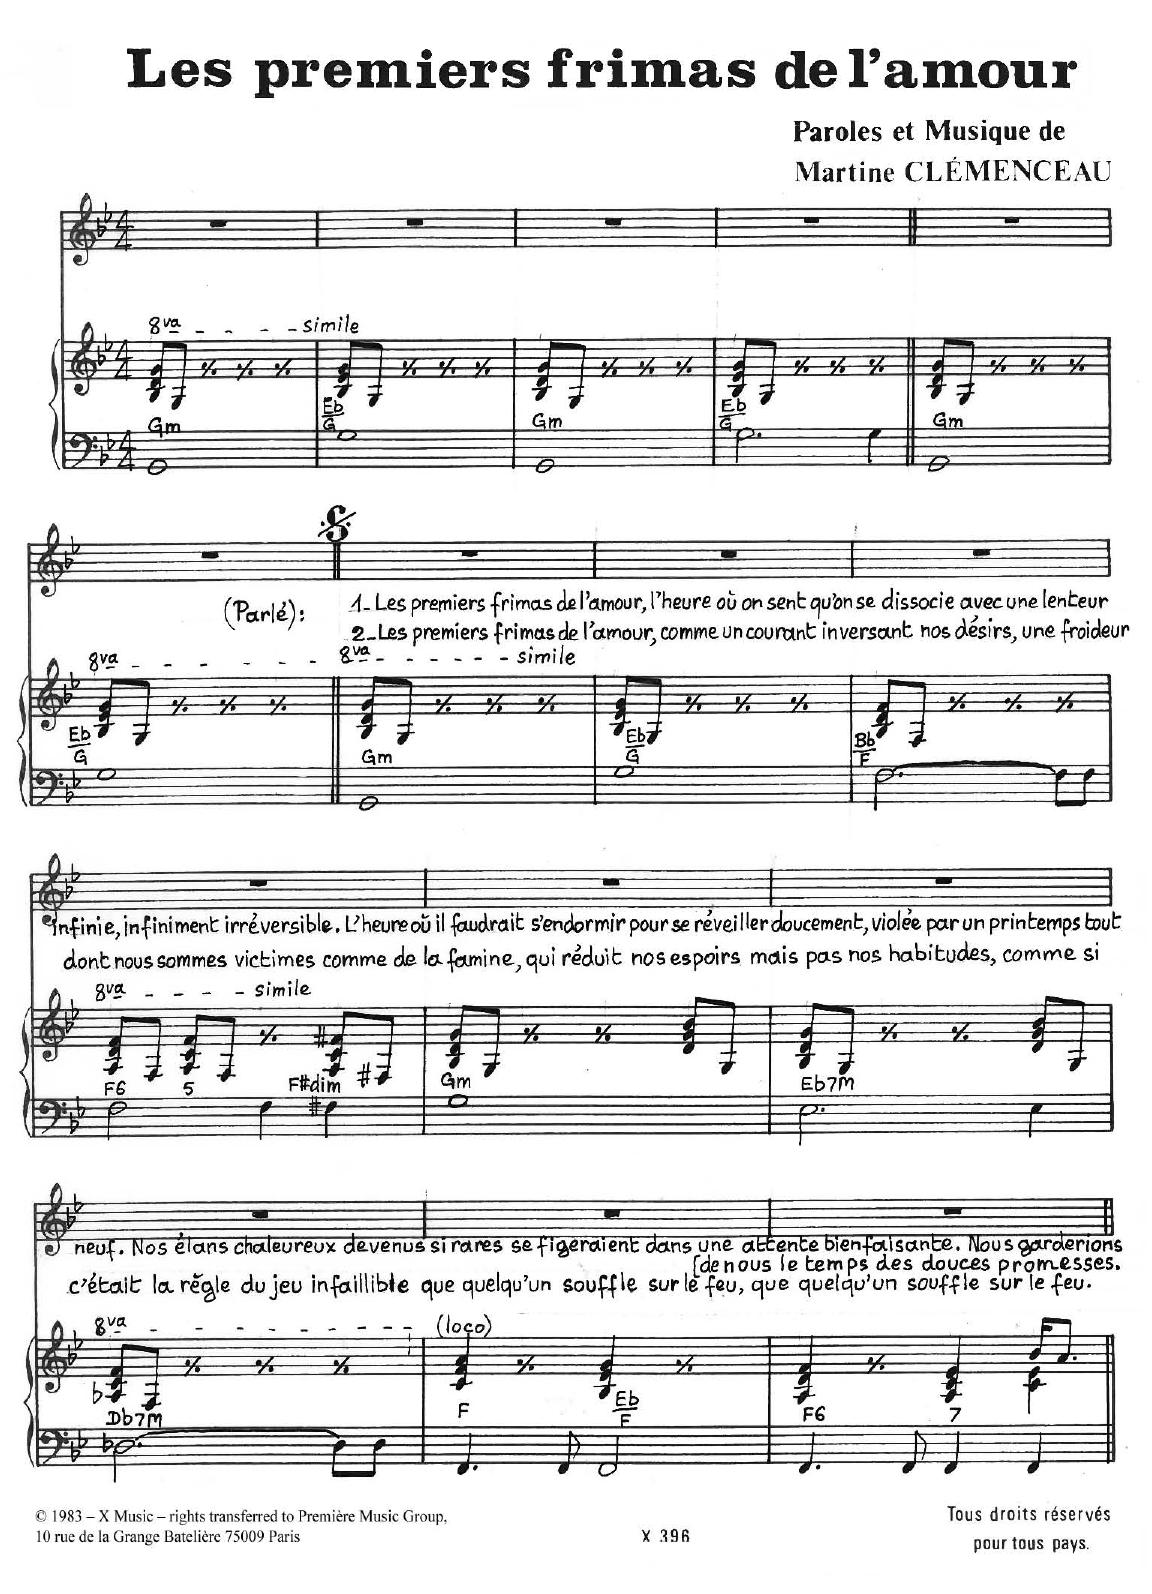 Les Premiers Frimas De L'amour Sheet Music